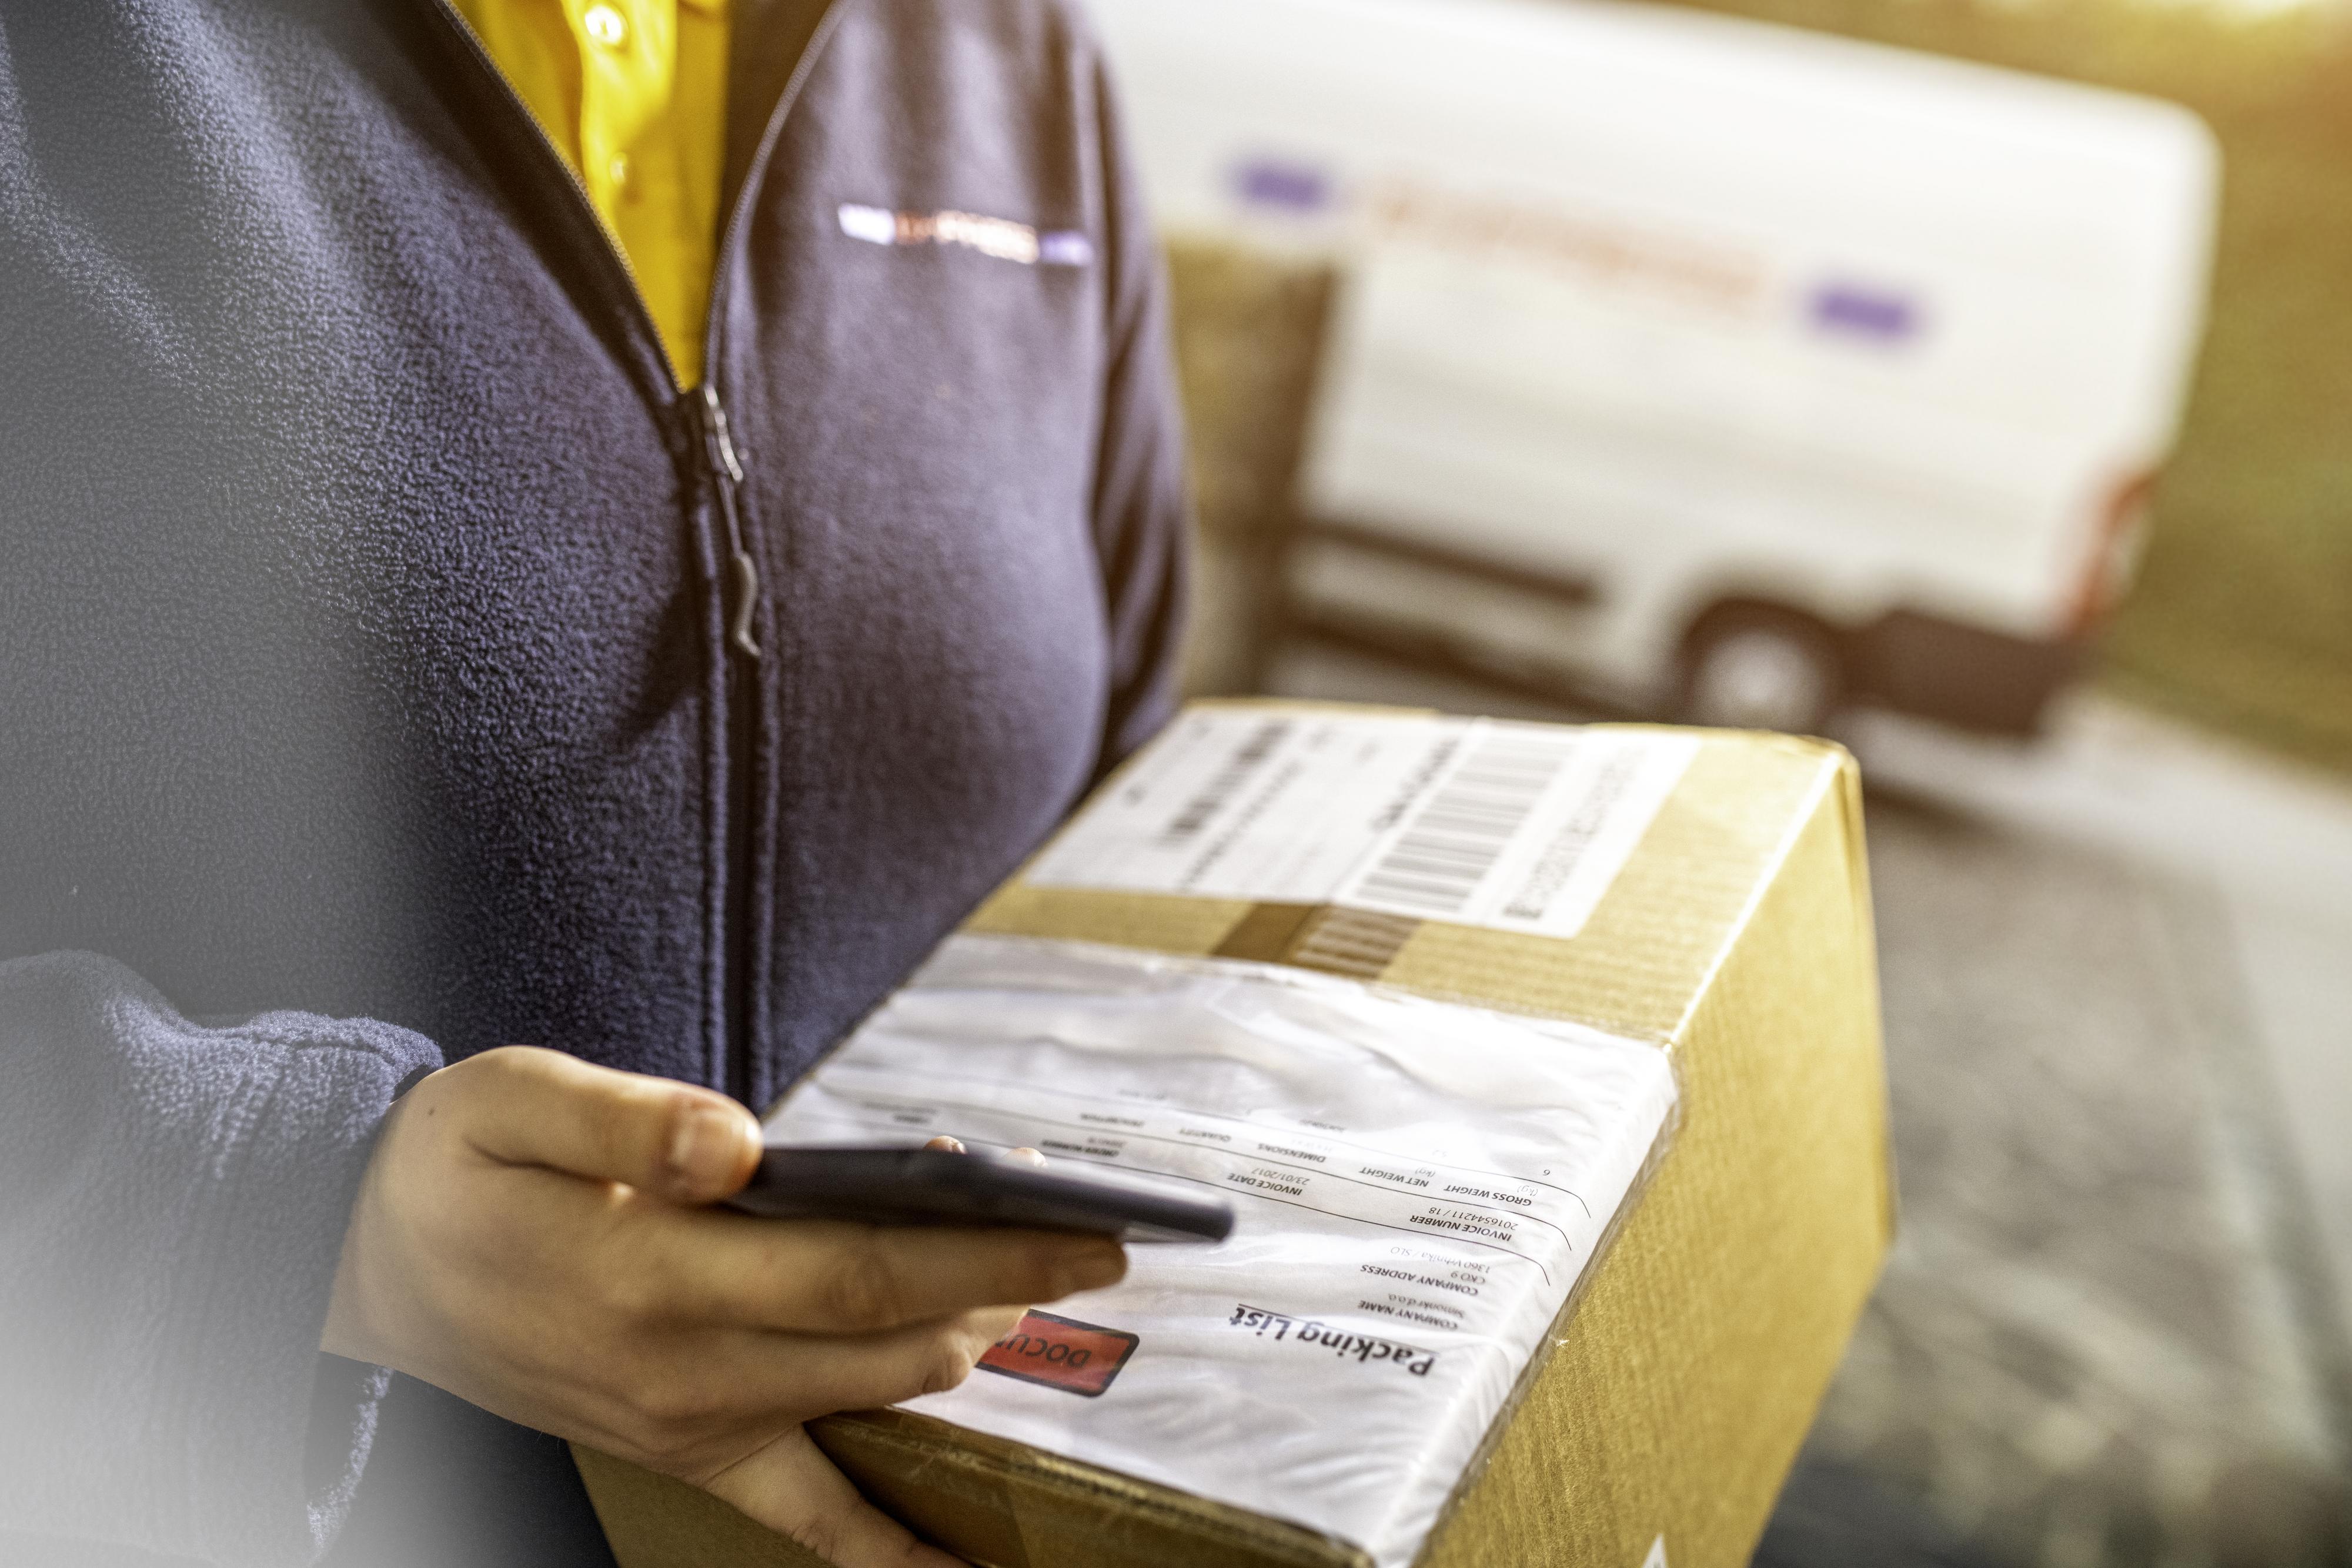 Naispuolinen tavarantoimittaja kuittauttamassa lähetystä älypuhelimella.